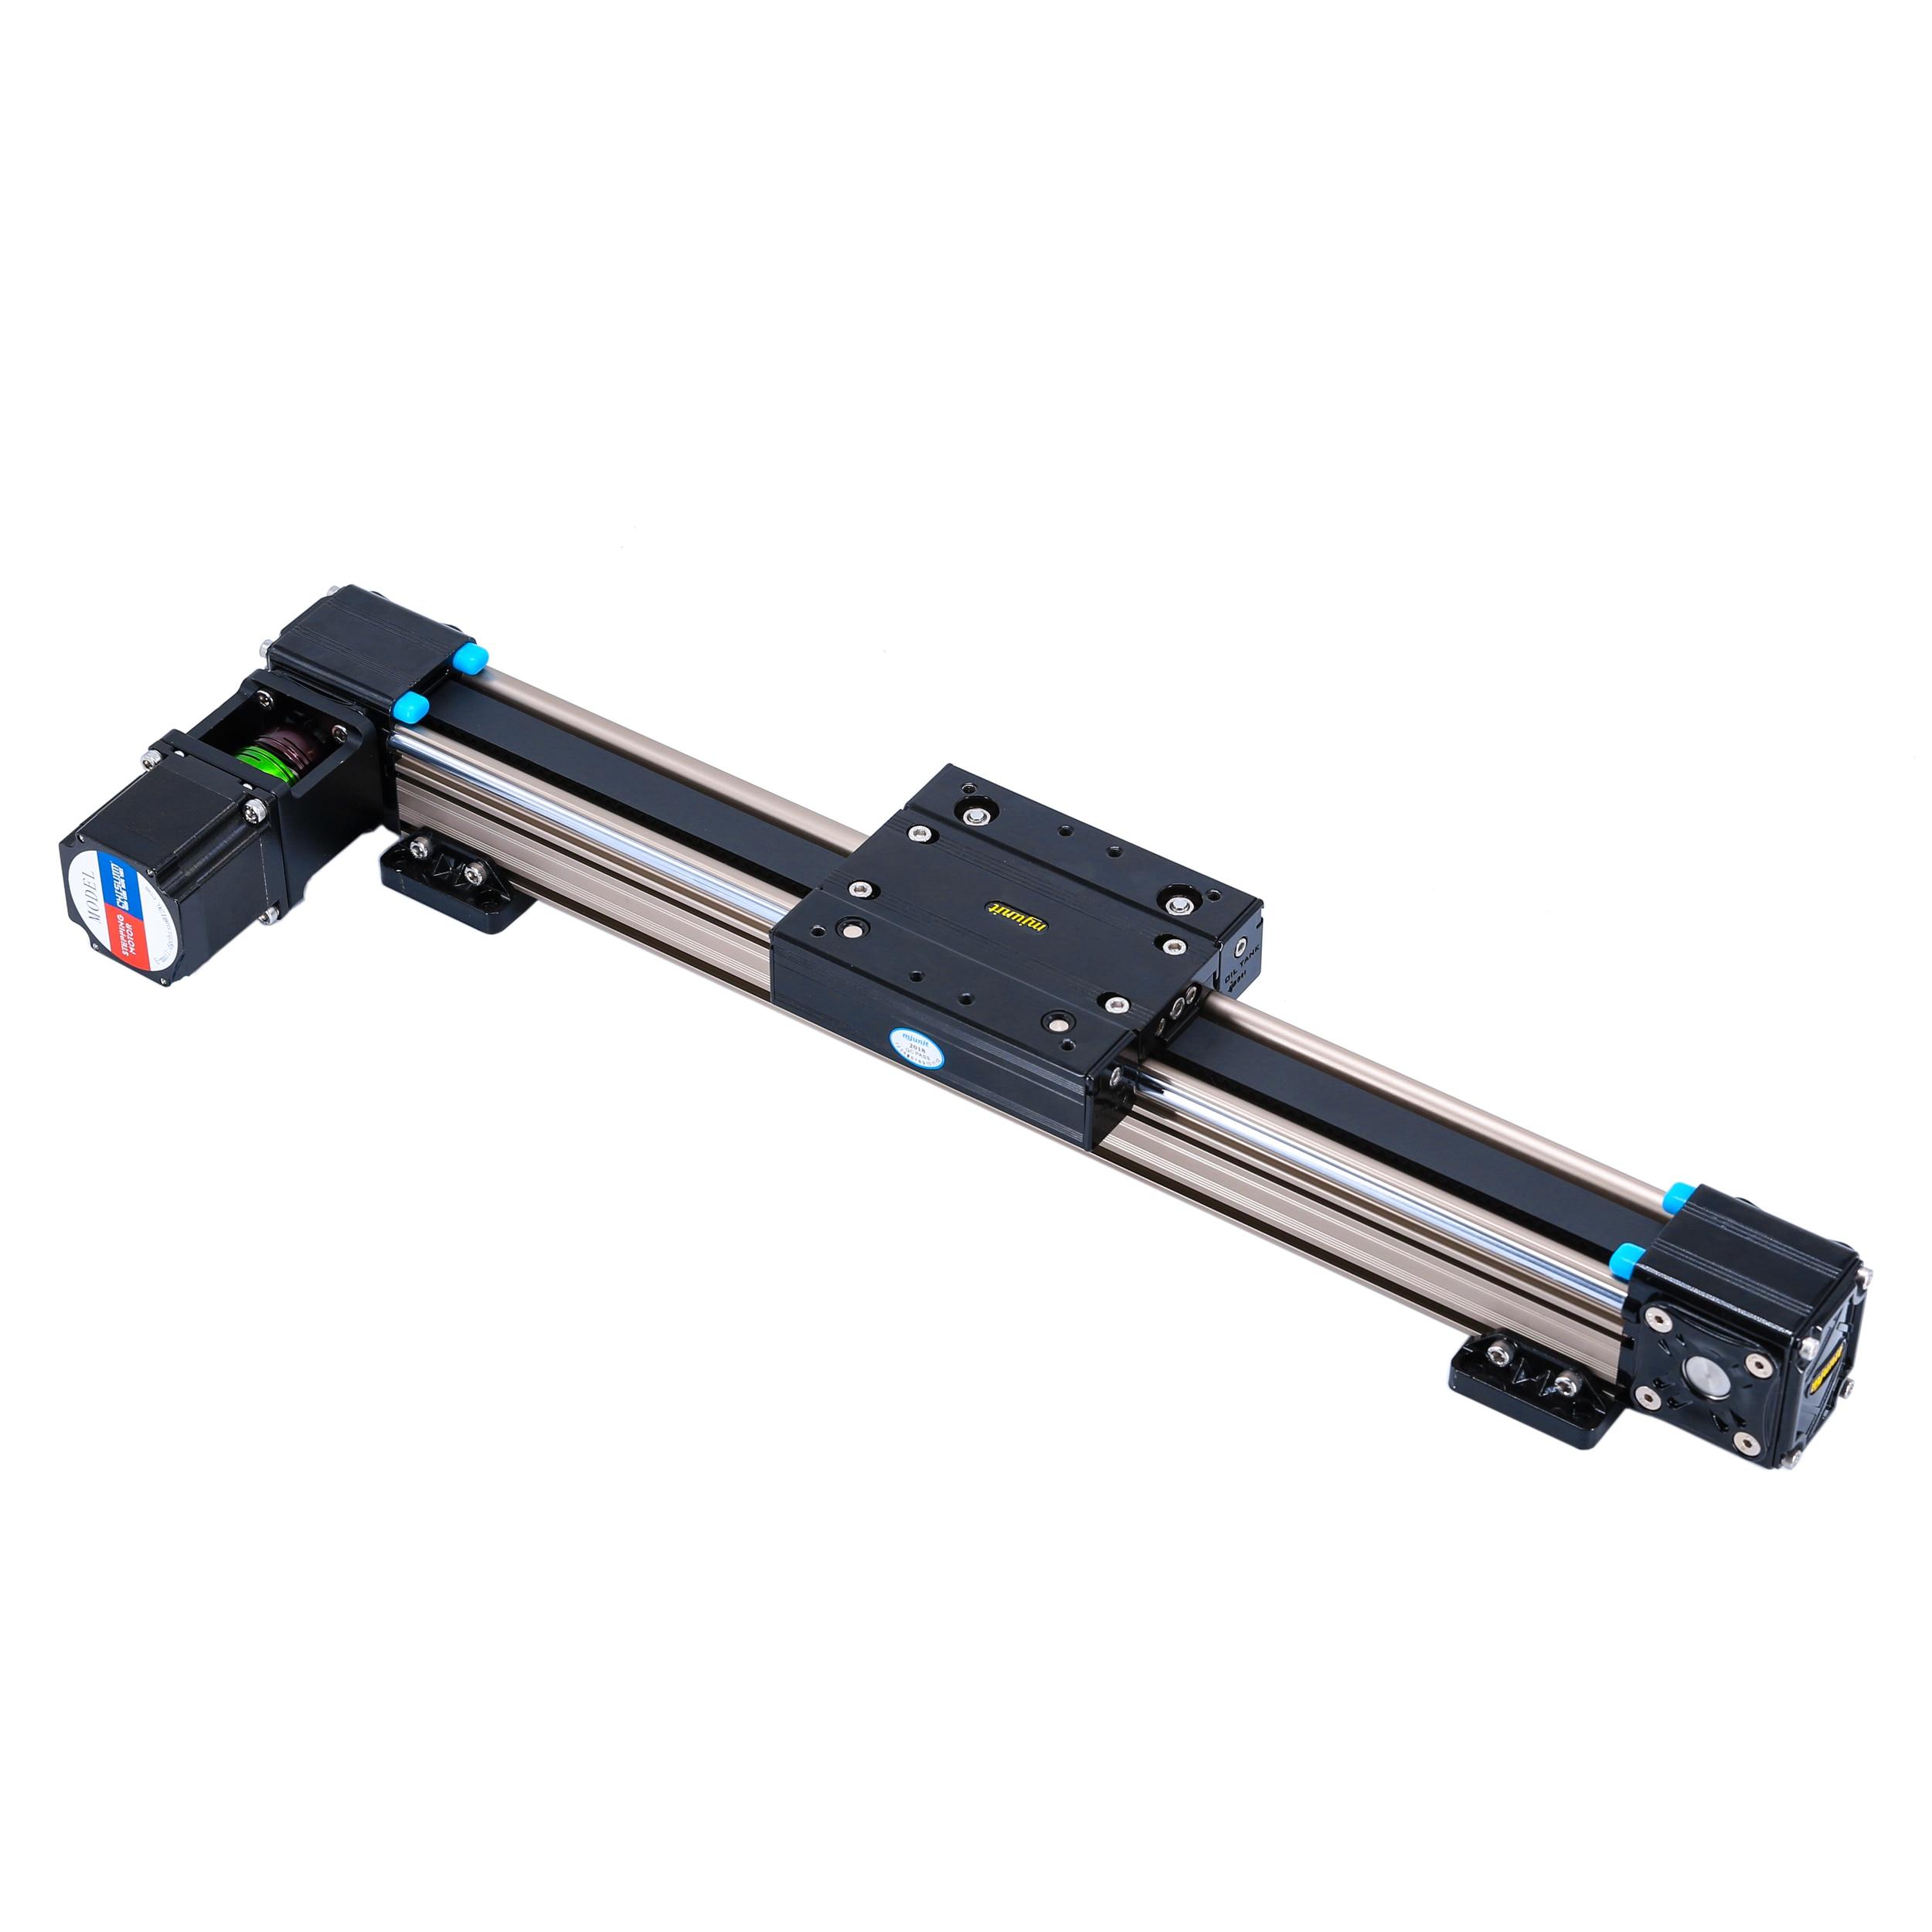 Mjunit خوذة التلقائي رذاذ الطلاء خط الإنتاج ، الترددية الشريحة الخطية باستخدام خطوة أو محرك معزز ، حزام الأسنان